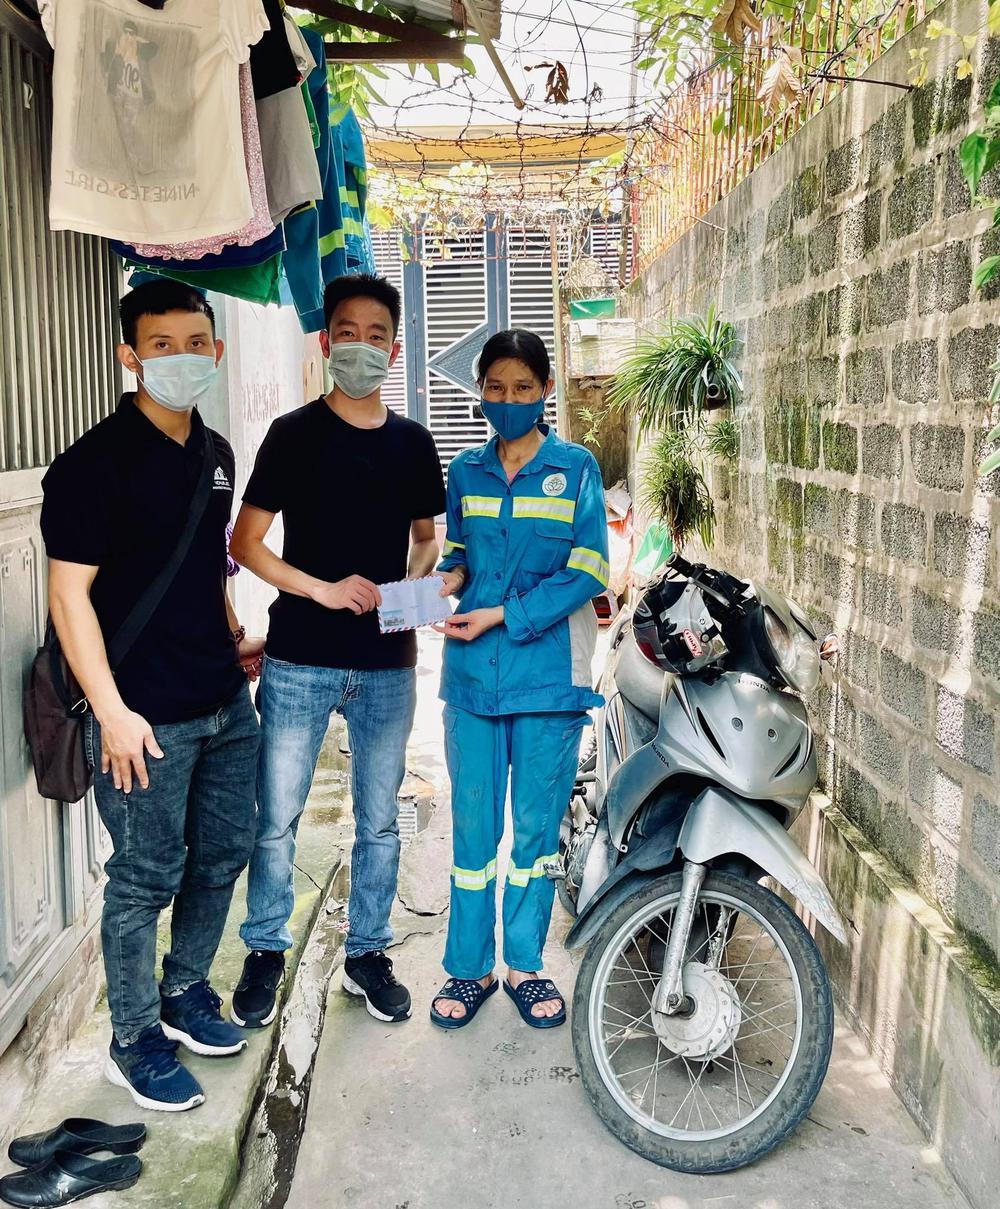 Nữ lao công bị cướp ở Hà Nội đã được tặng 3 chiếc xe máy mới - Ảnh 2.